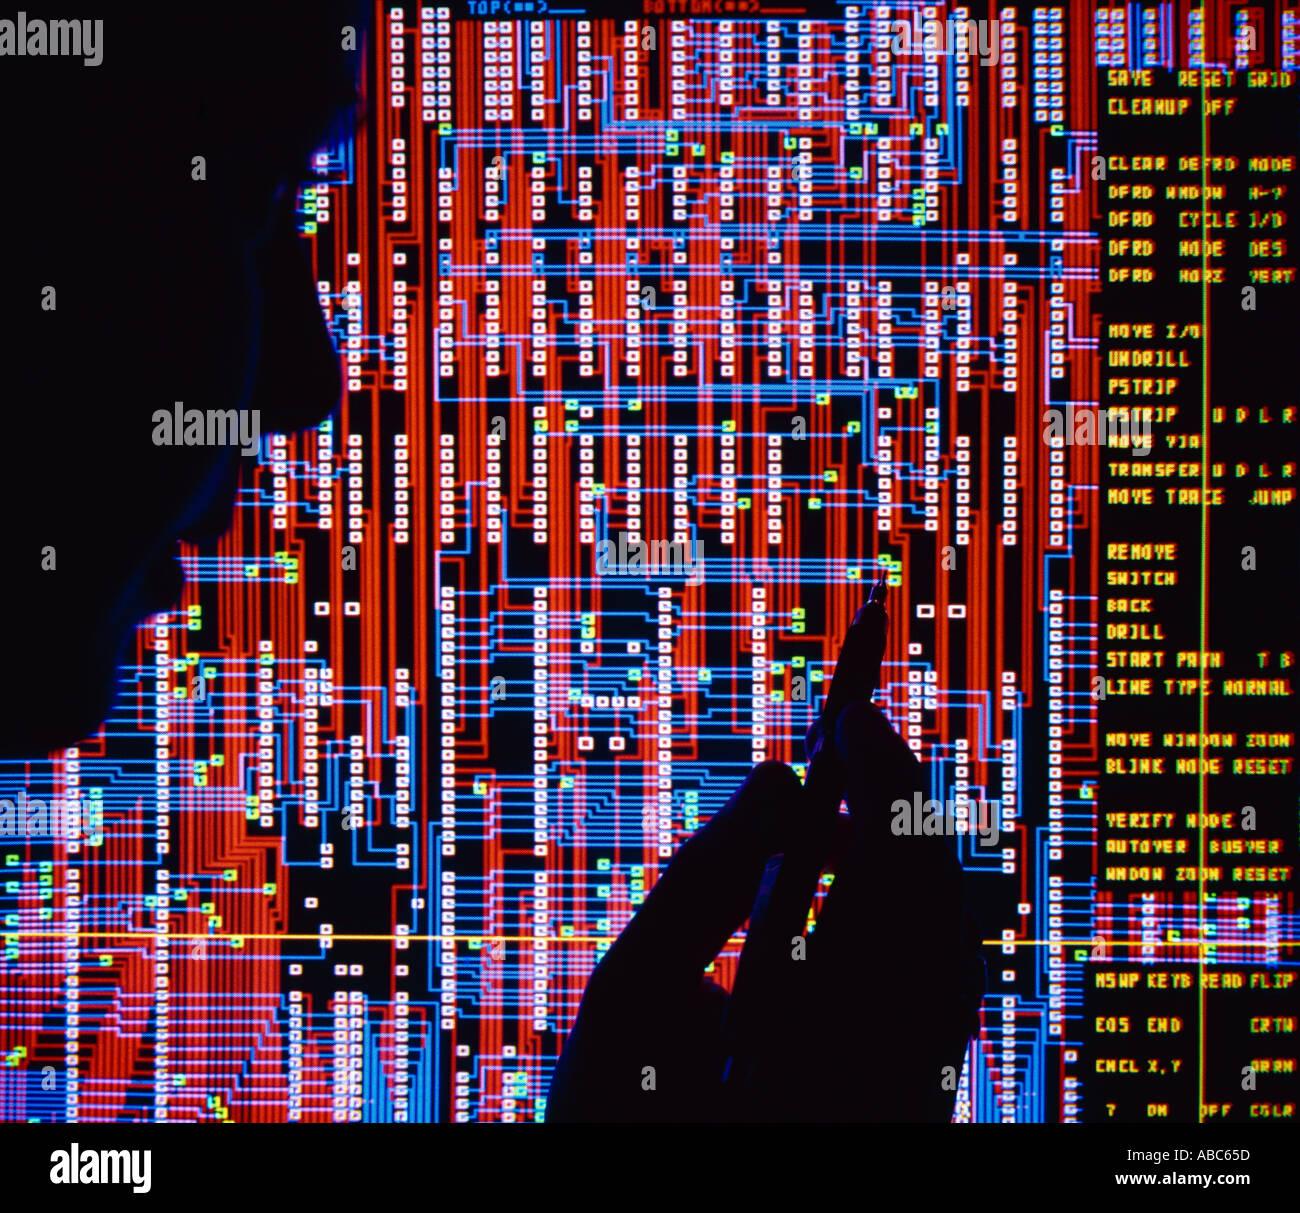 High Tech - conception de circuits écran d'ordinateur, silhouette d'ingénieur concepteur / Silicon Valley, Californie, USA. Photo Stock